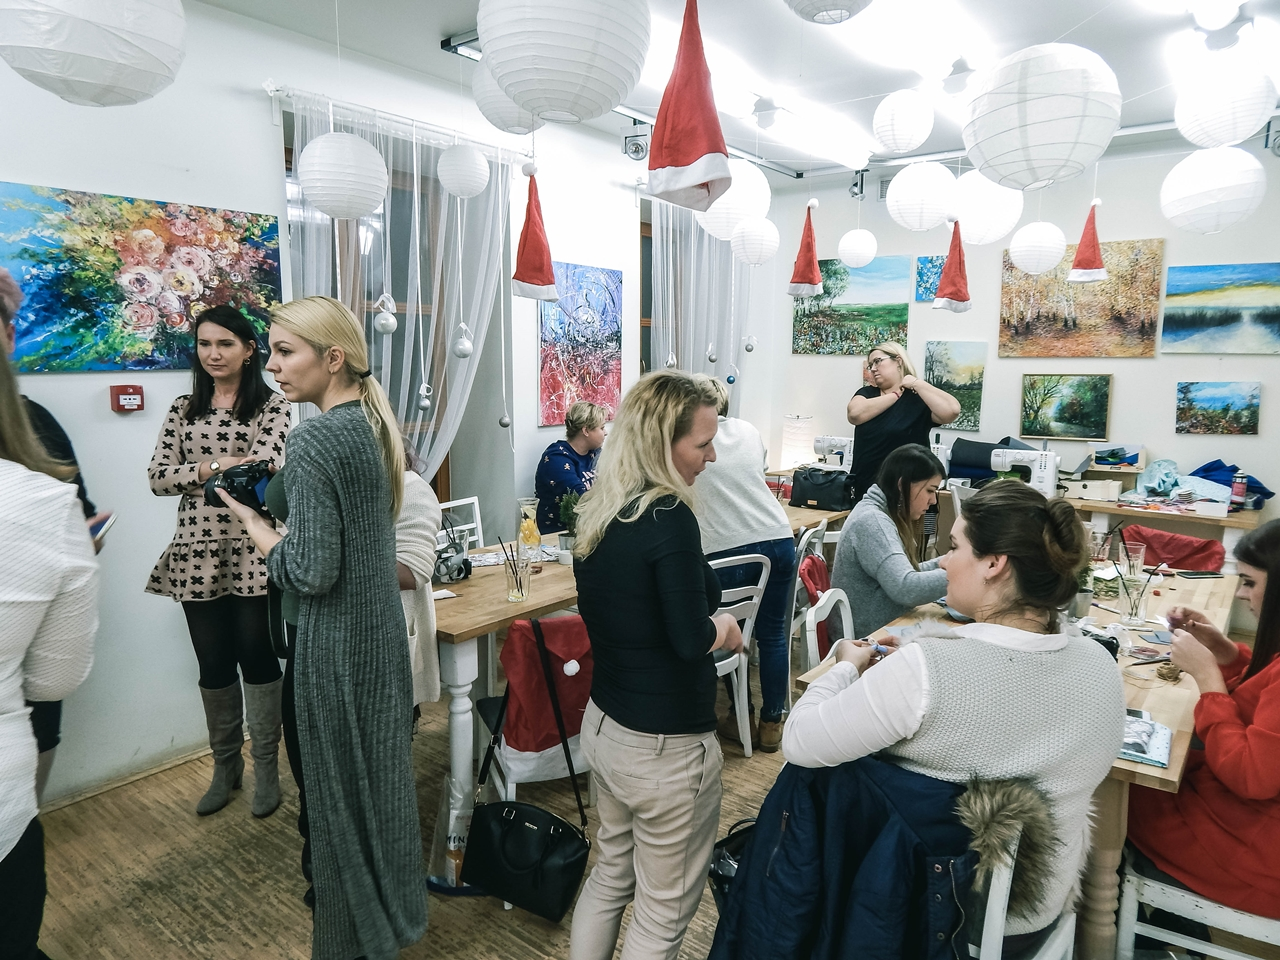 13 spotkanie blogerek mikołajki łódź 2017 akademia urody melodylaniella łódź blog beauty lifestyle fashion moda kulinaria instagram łódź influencer